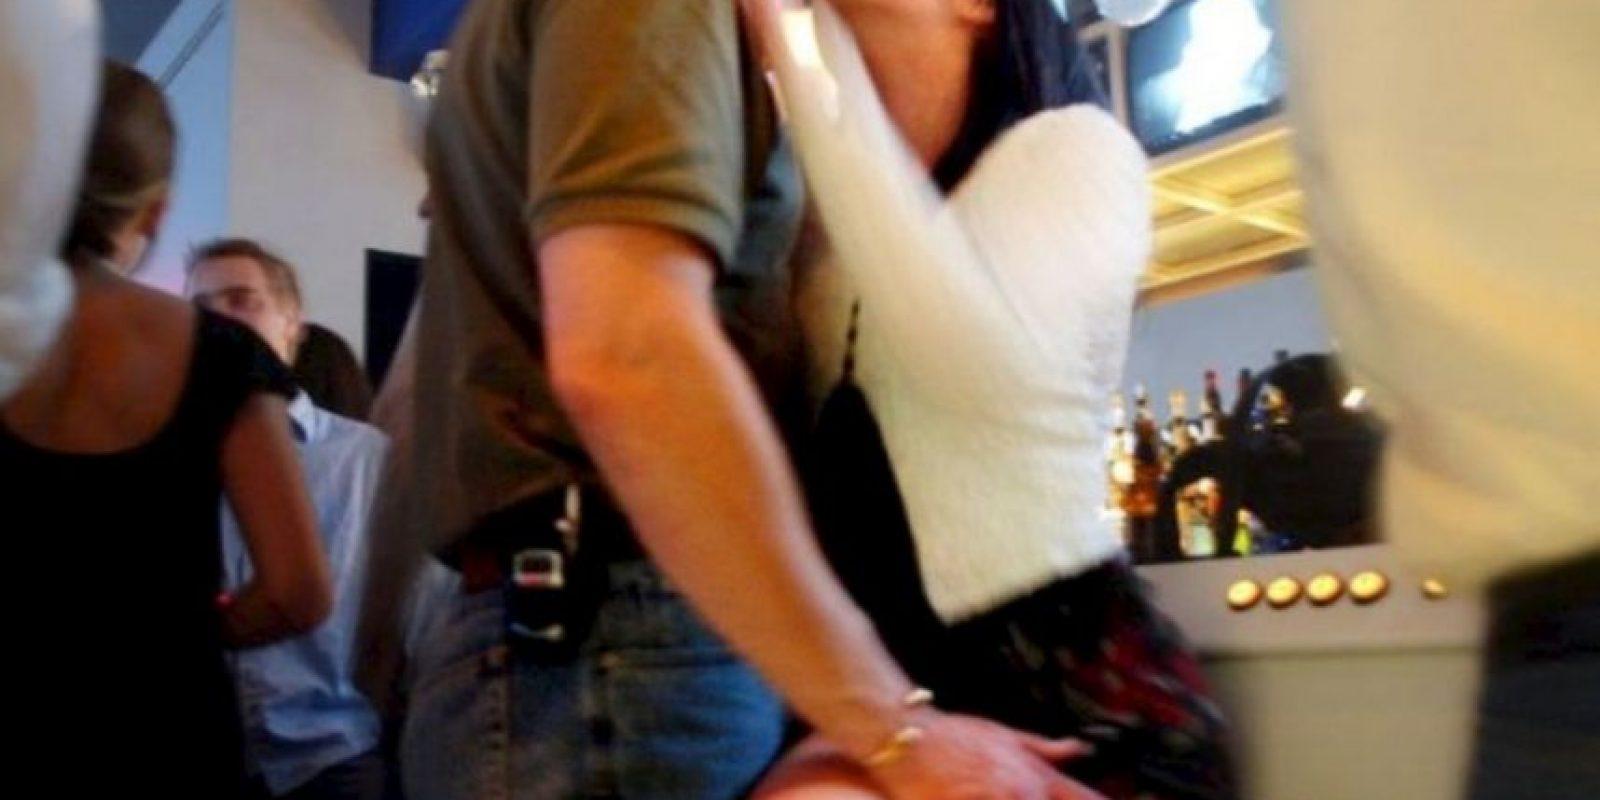 Eviten tener encuentros sexuales en la primera cita. O algo de lo que puedan arrepentirse después. Foto:Getty Images